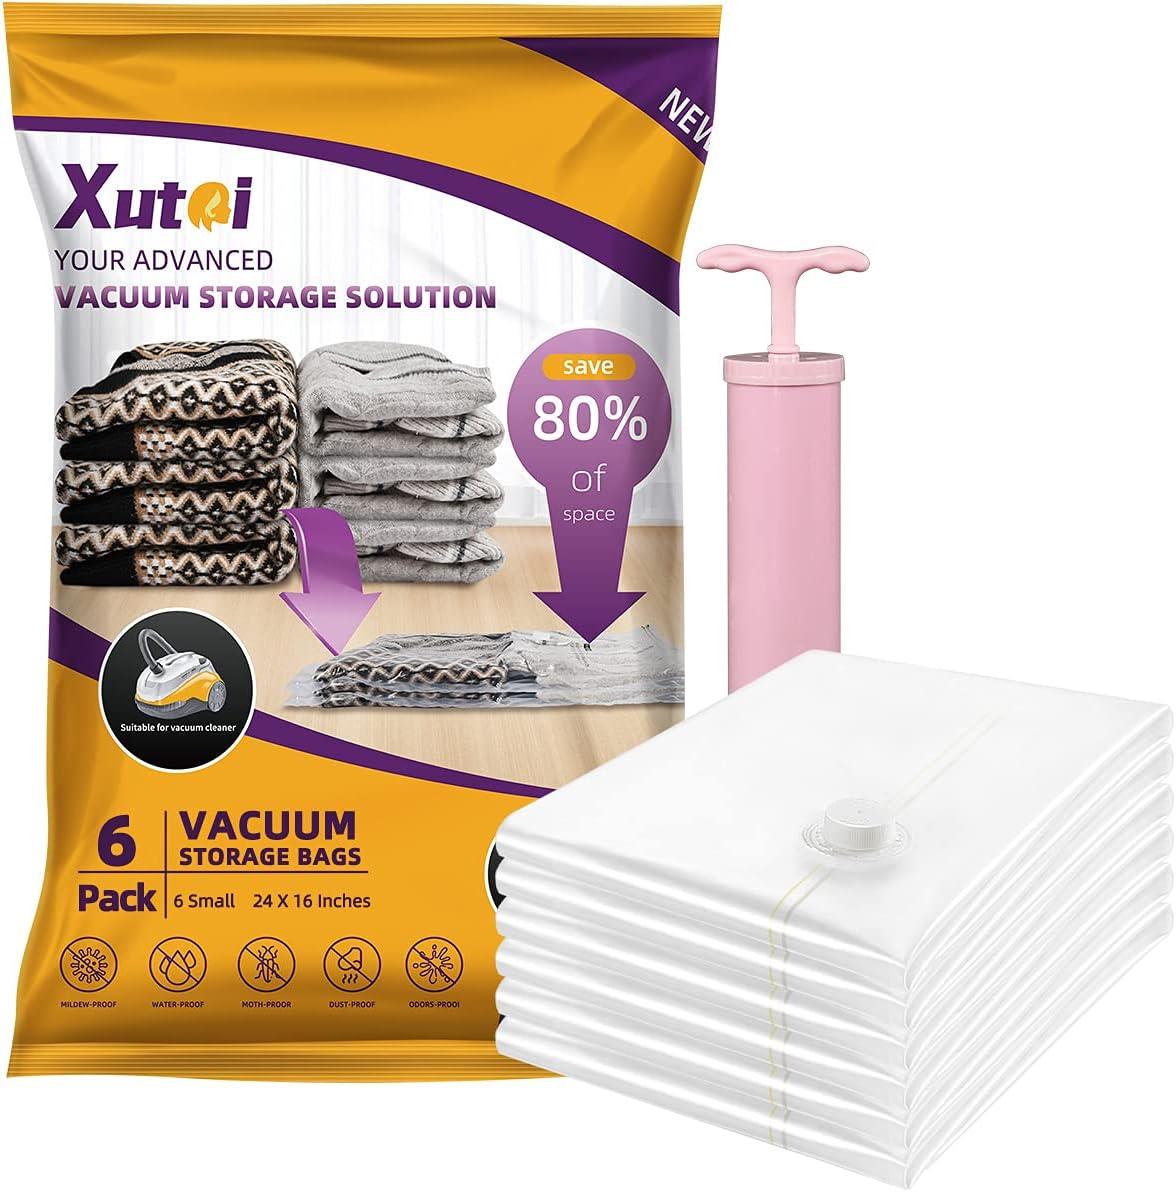 XUTAI Vacuum Storage Spasm price Bags - Space Saver Small Stor 6 Max 76% OFF